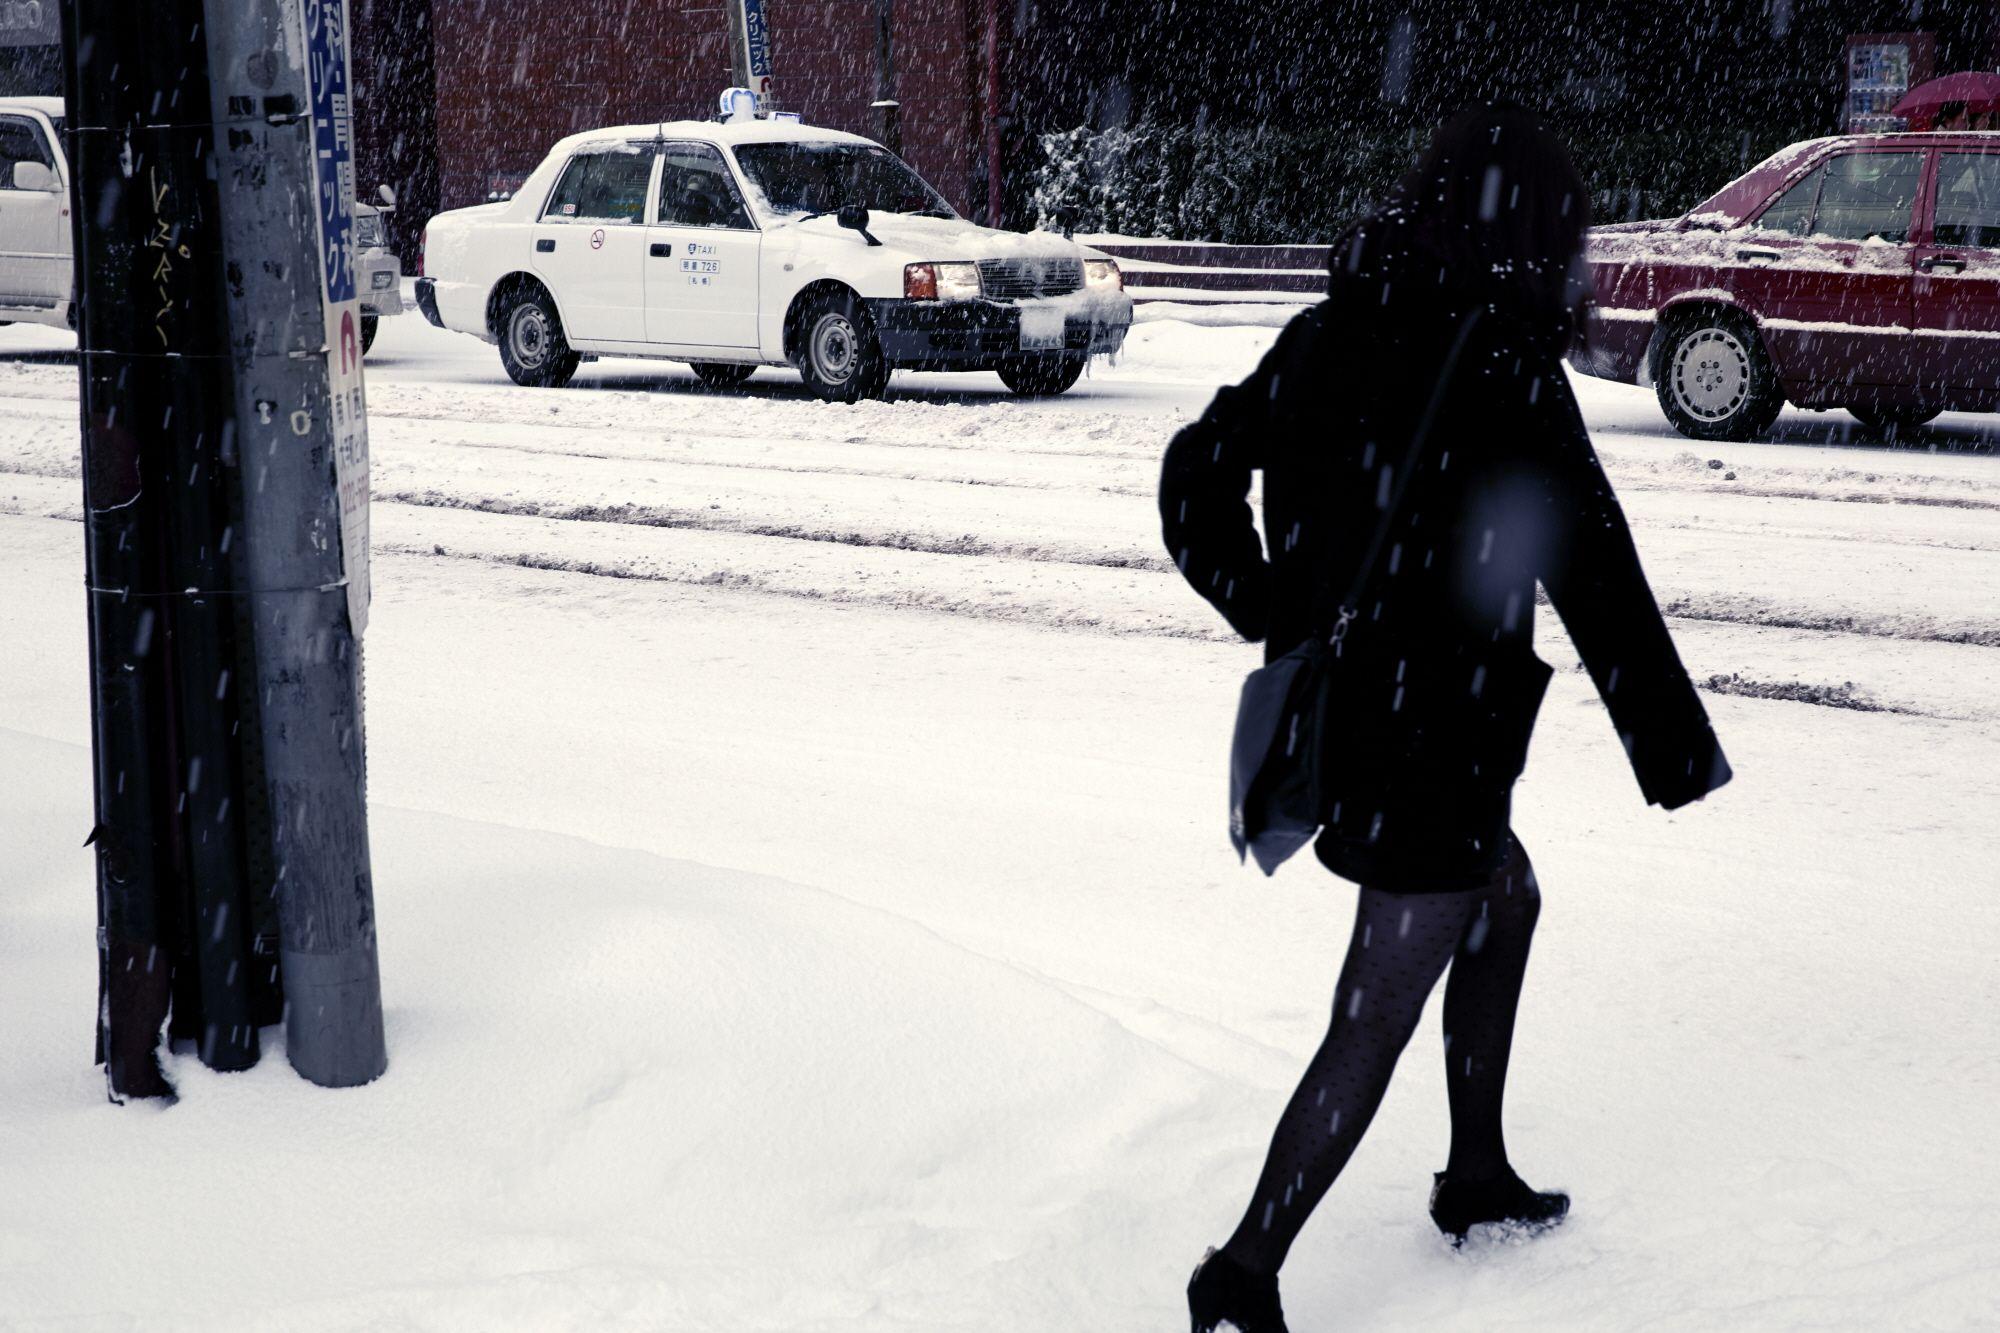 진중하지만 개성있는 렉서스의 자태처럼 잘 정돈된 순백의 거리가 사람들을 보듬고 있는,  세상에서 가장 찬란한 겨울이 머무는 곳, 삿포로. | Lexus i-Magazine Ver.3 앱 다운로드 ▶ www.lexus.co.kr/magazine #Lexus #Car #Magazine